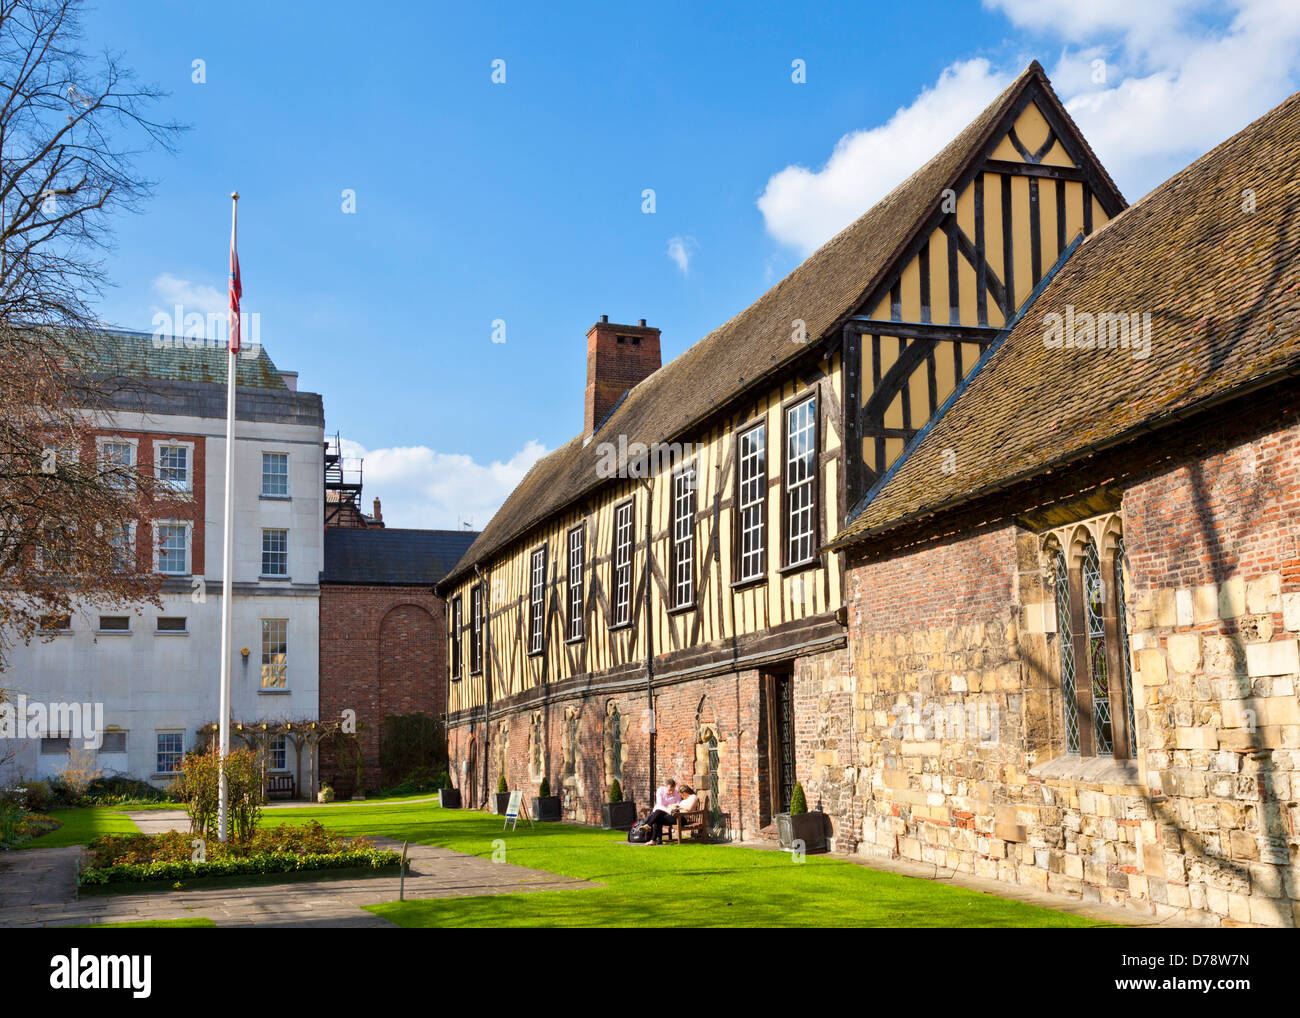 Die Händler Abenteurer Hall ist eine mittelalterliche Guildhall in der Stadt von York North Yorkshire England Stockbild